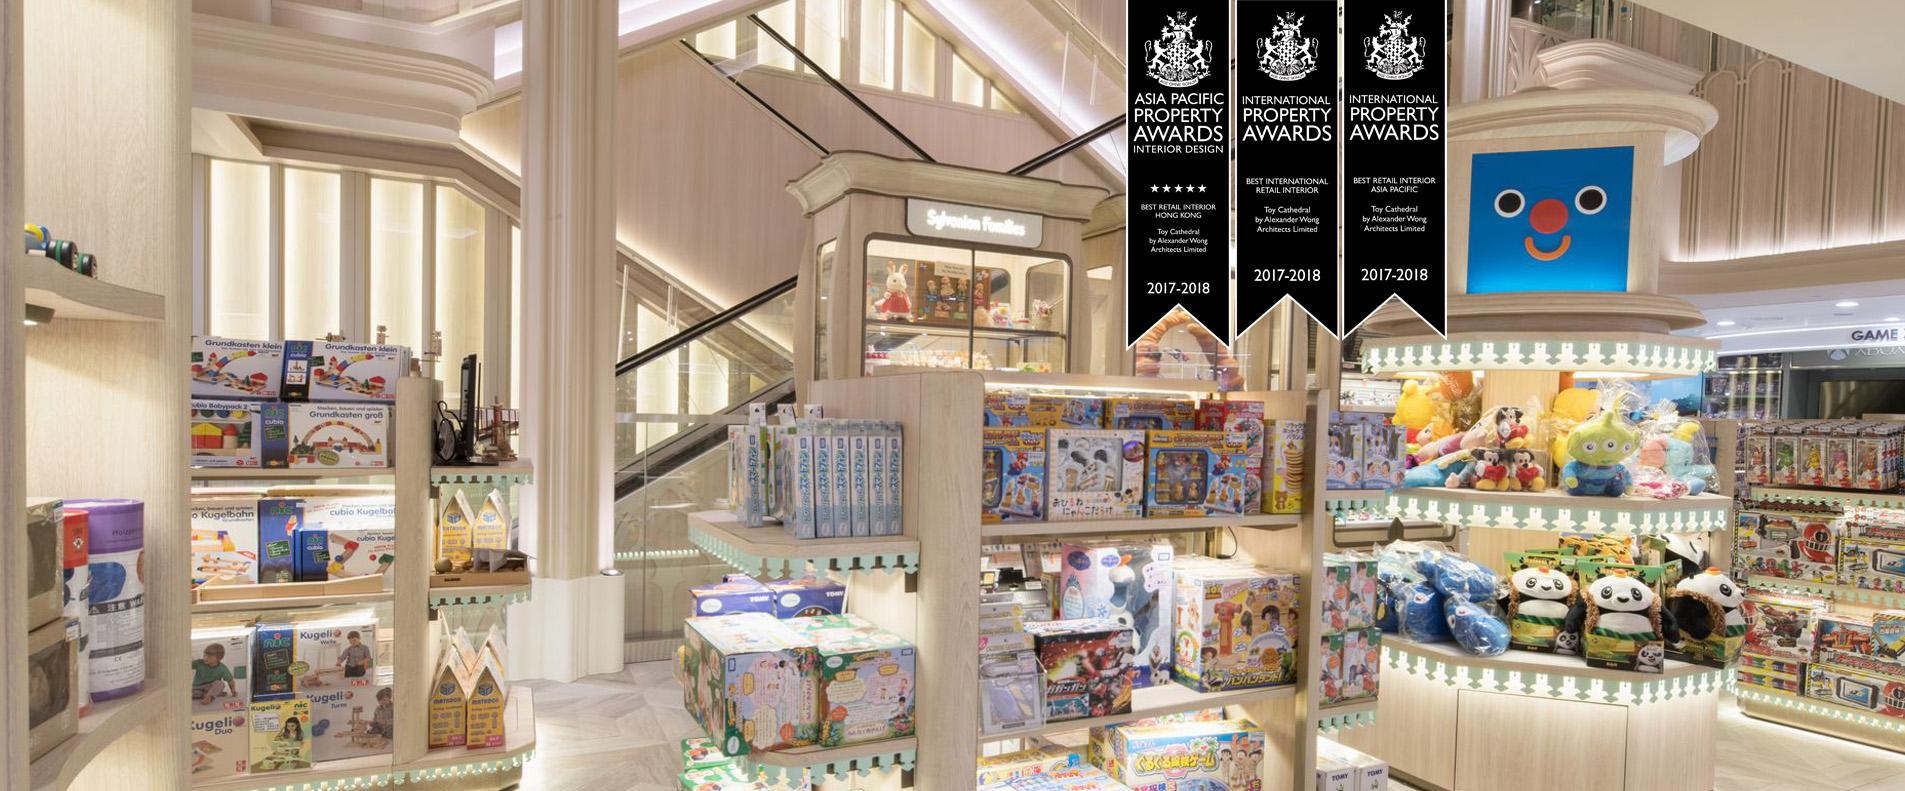 Best International Retail Interior